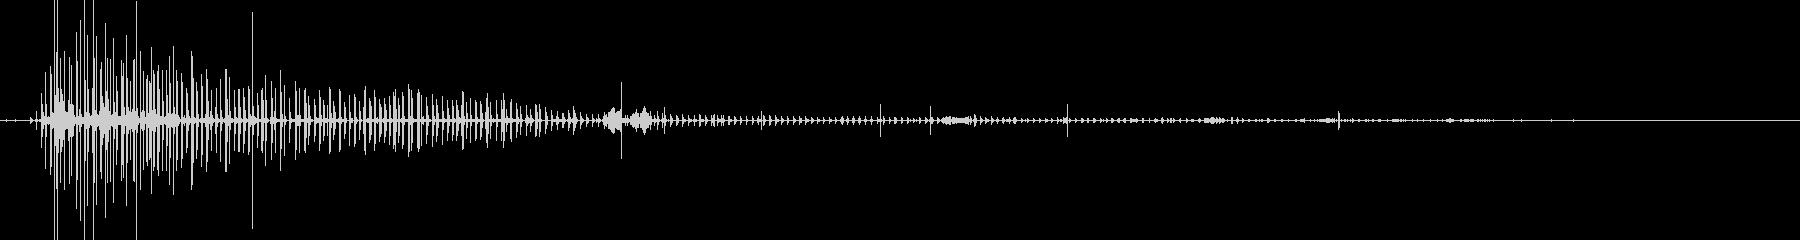 ブクブク(水面で細かい泡が弾ける音)の未再生の波形